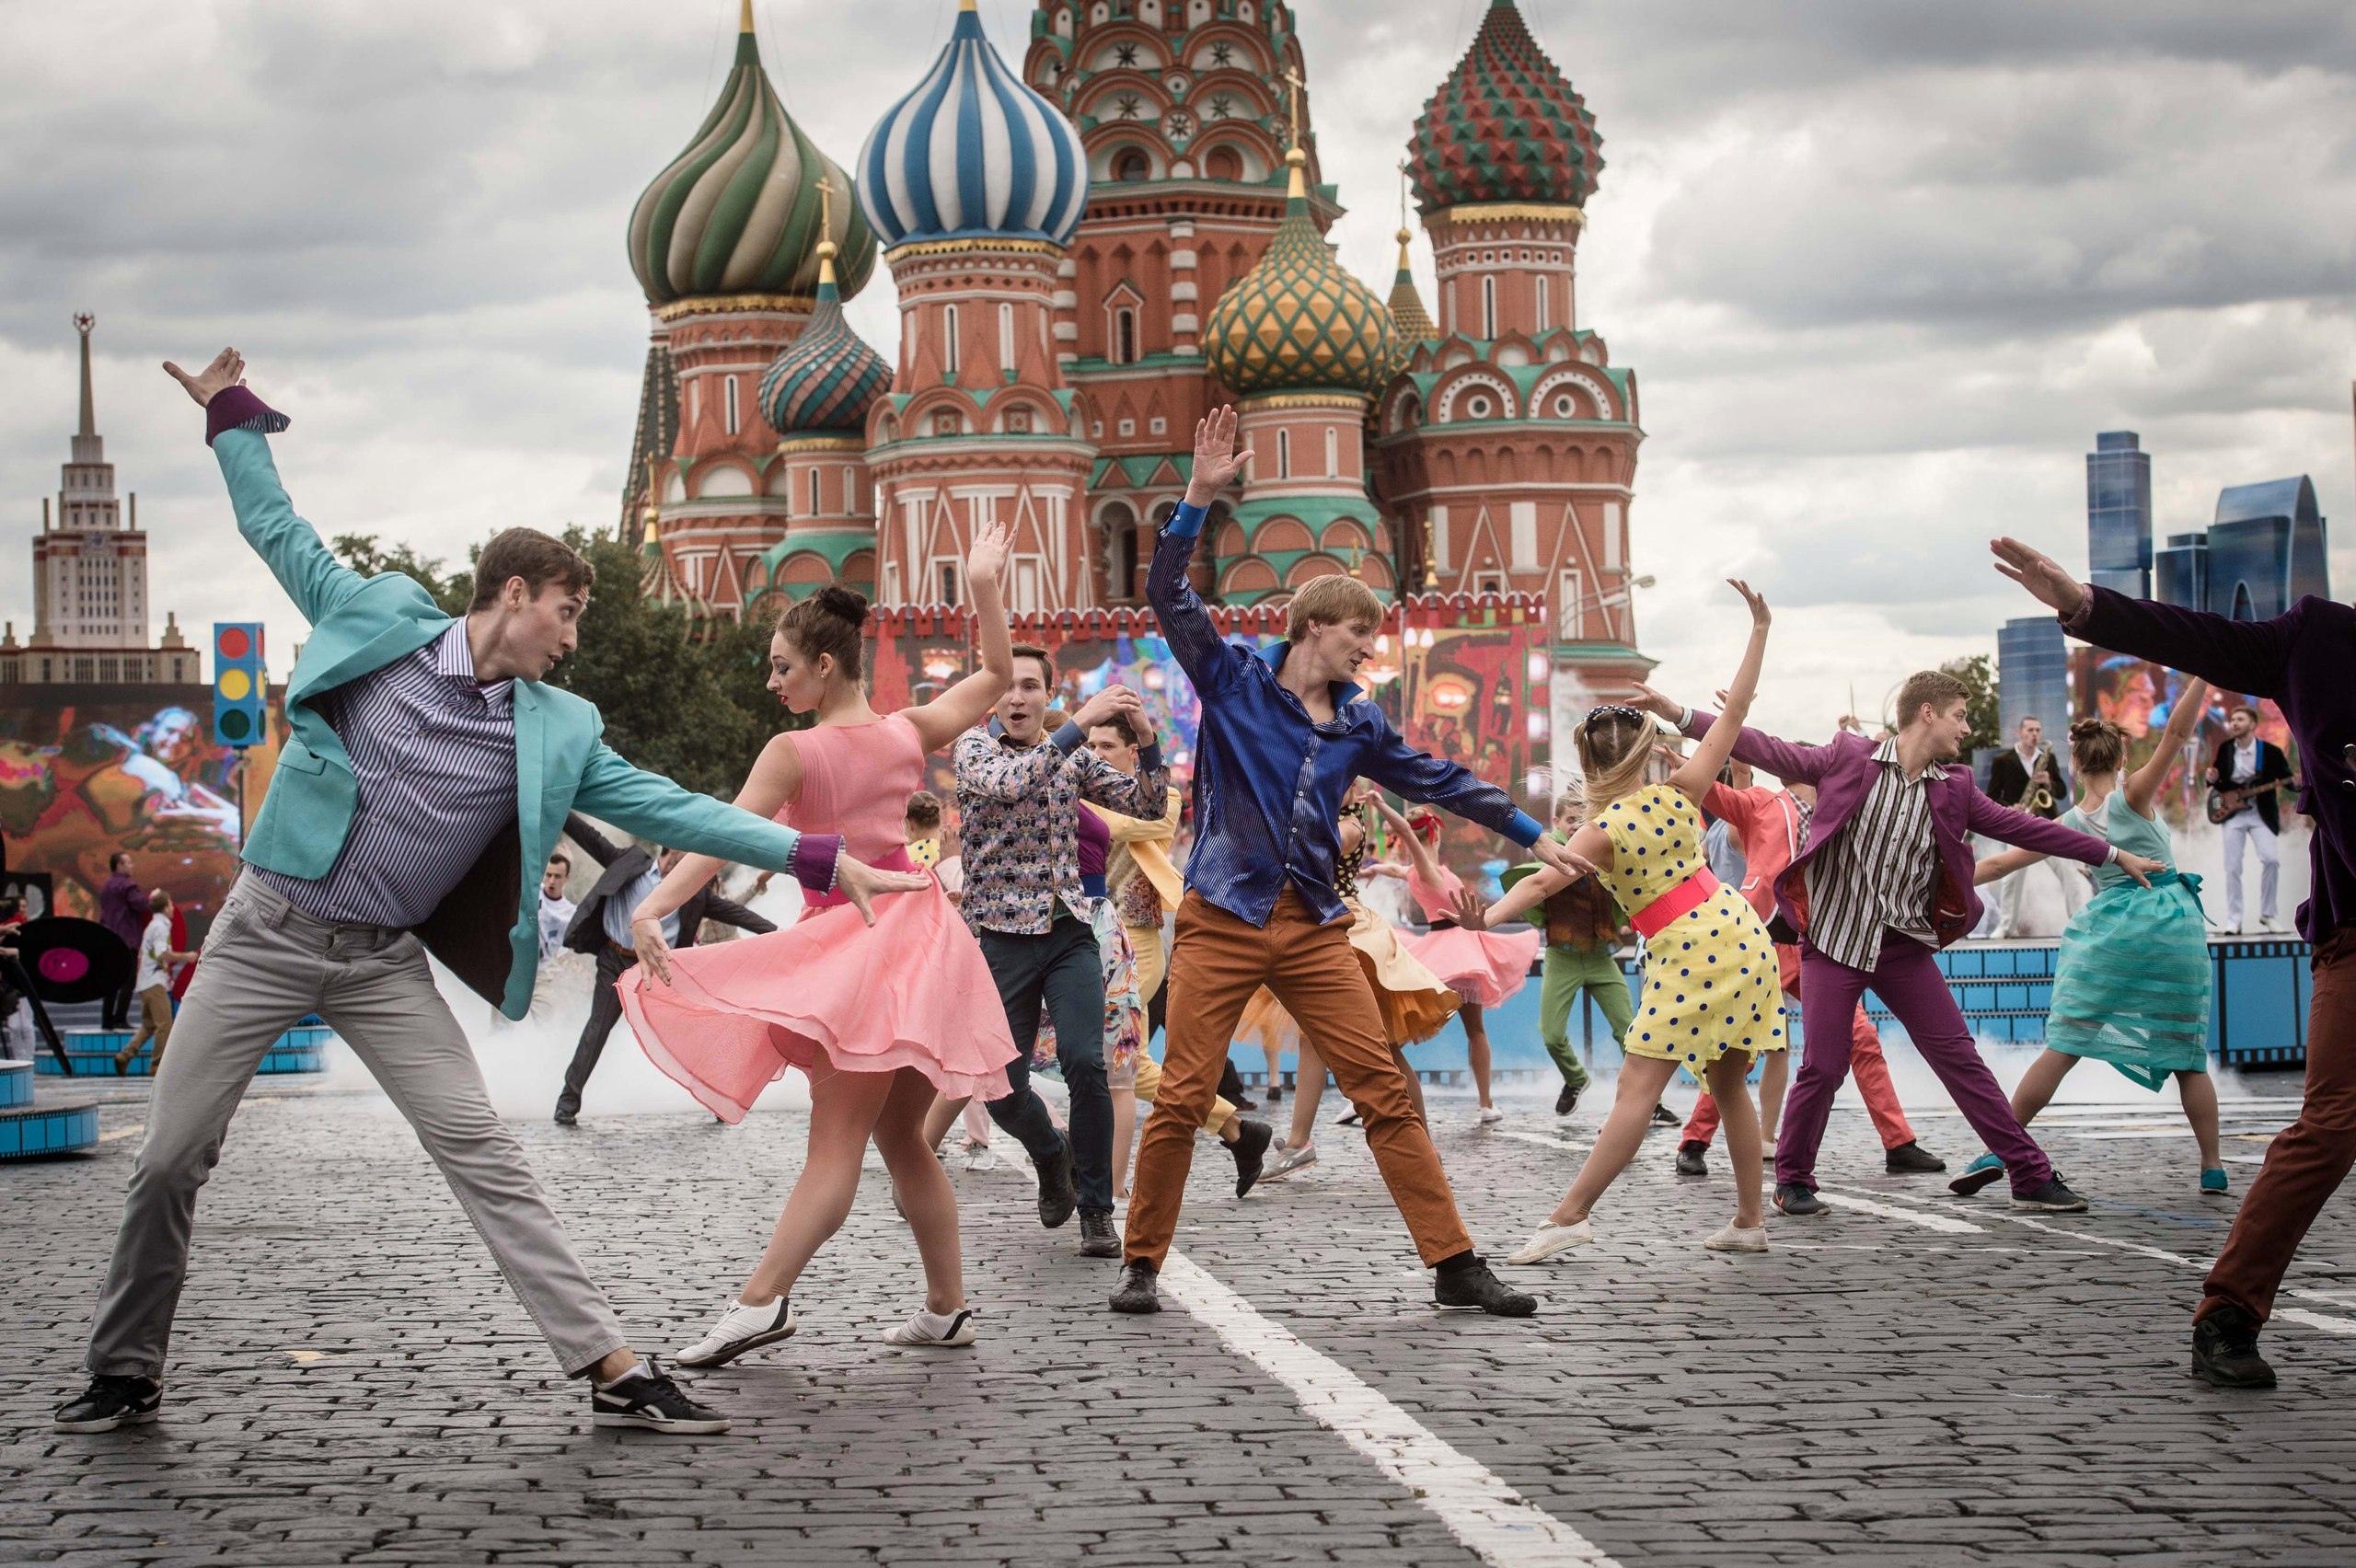 День города Москвы 2019: полная программа, где и во сколько салют, кто выступит из звезд